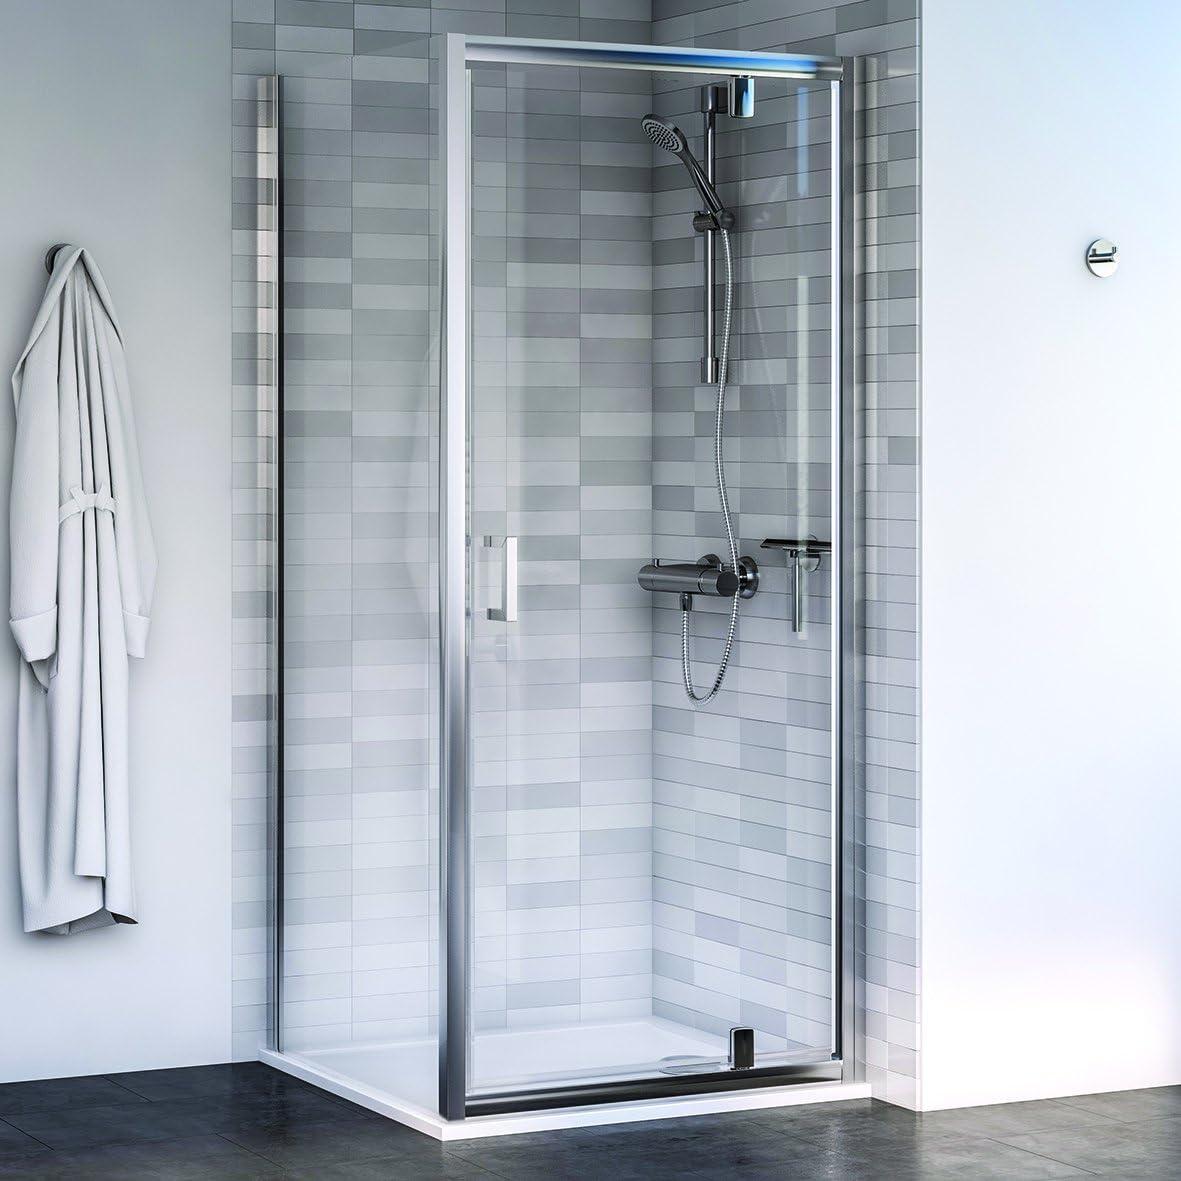 Aqualux 1193896 Pivot para mampara de ducha y el Panel lateral), pulido Plata, 800 mm x 800 mm, set de 2 piezas: Amazon.es: Bricolaje y herramientas